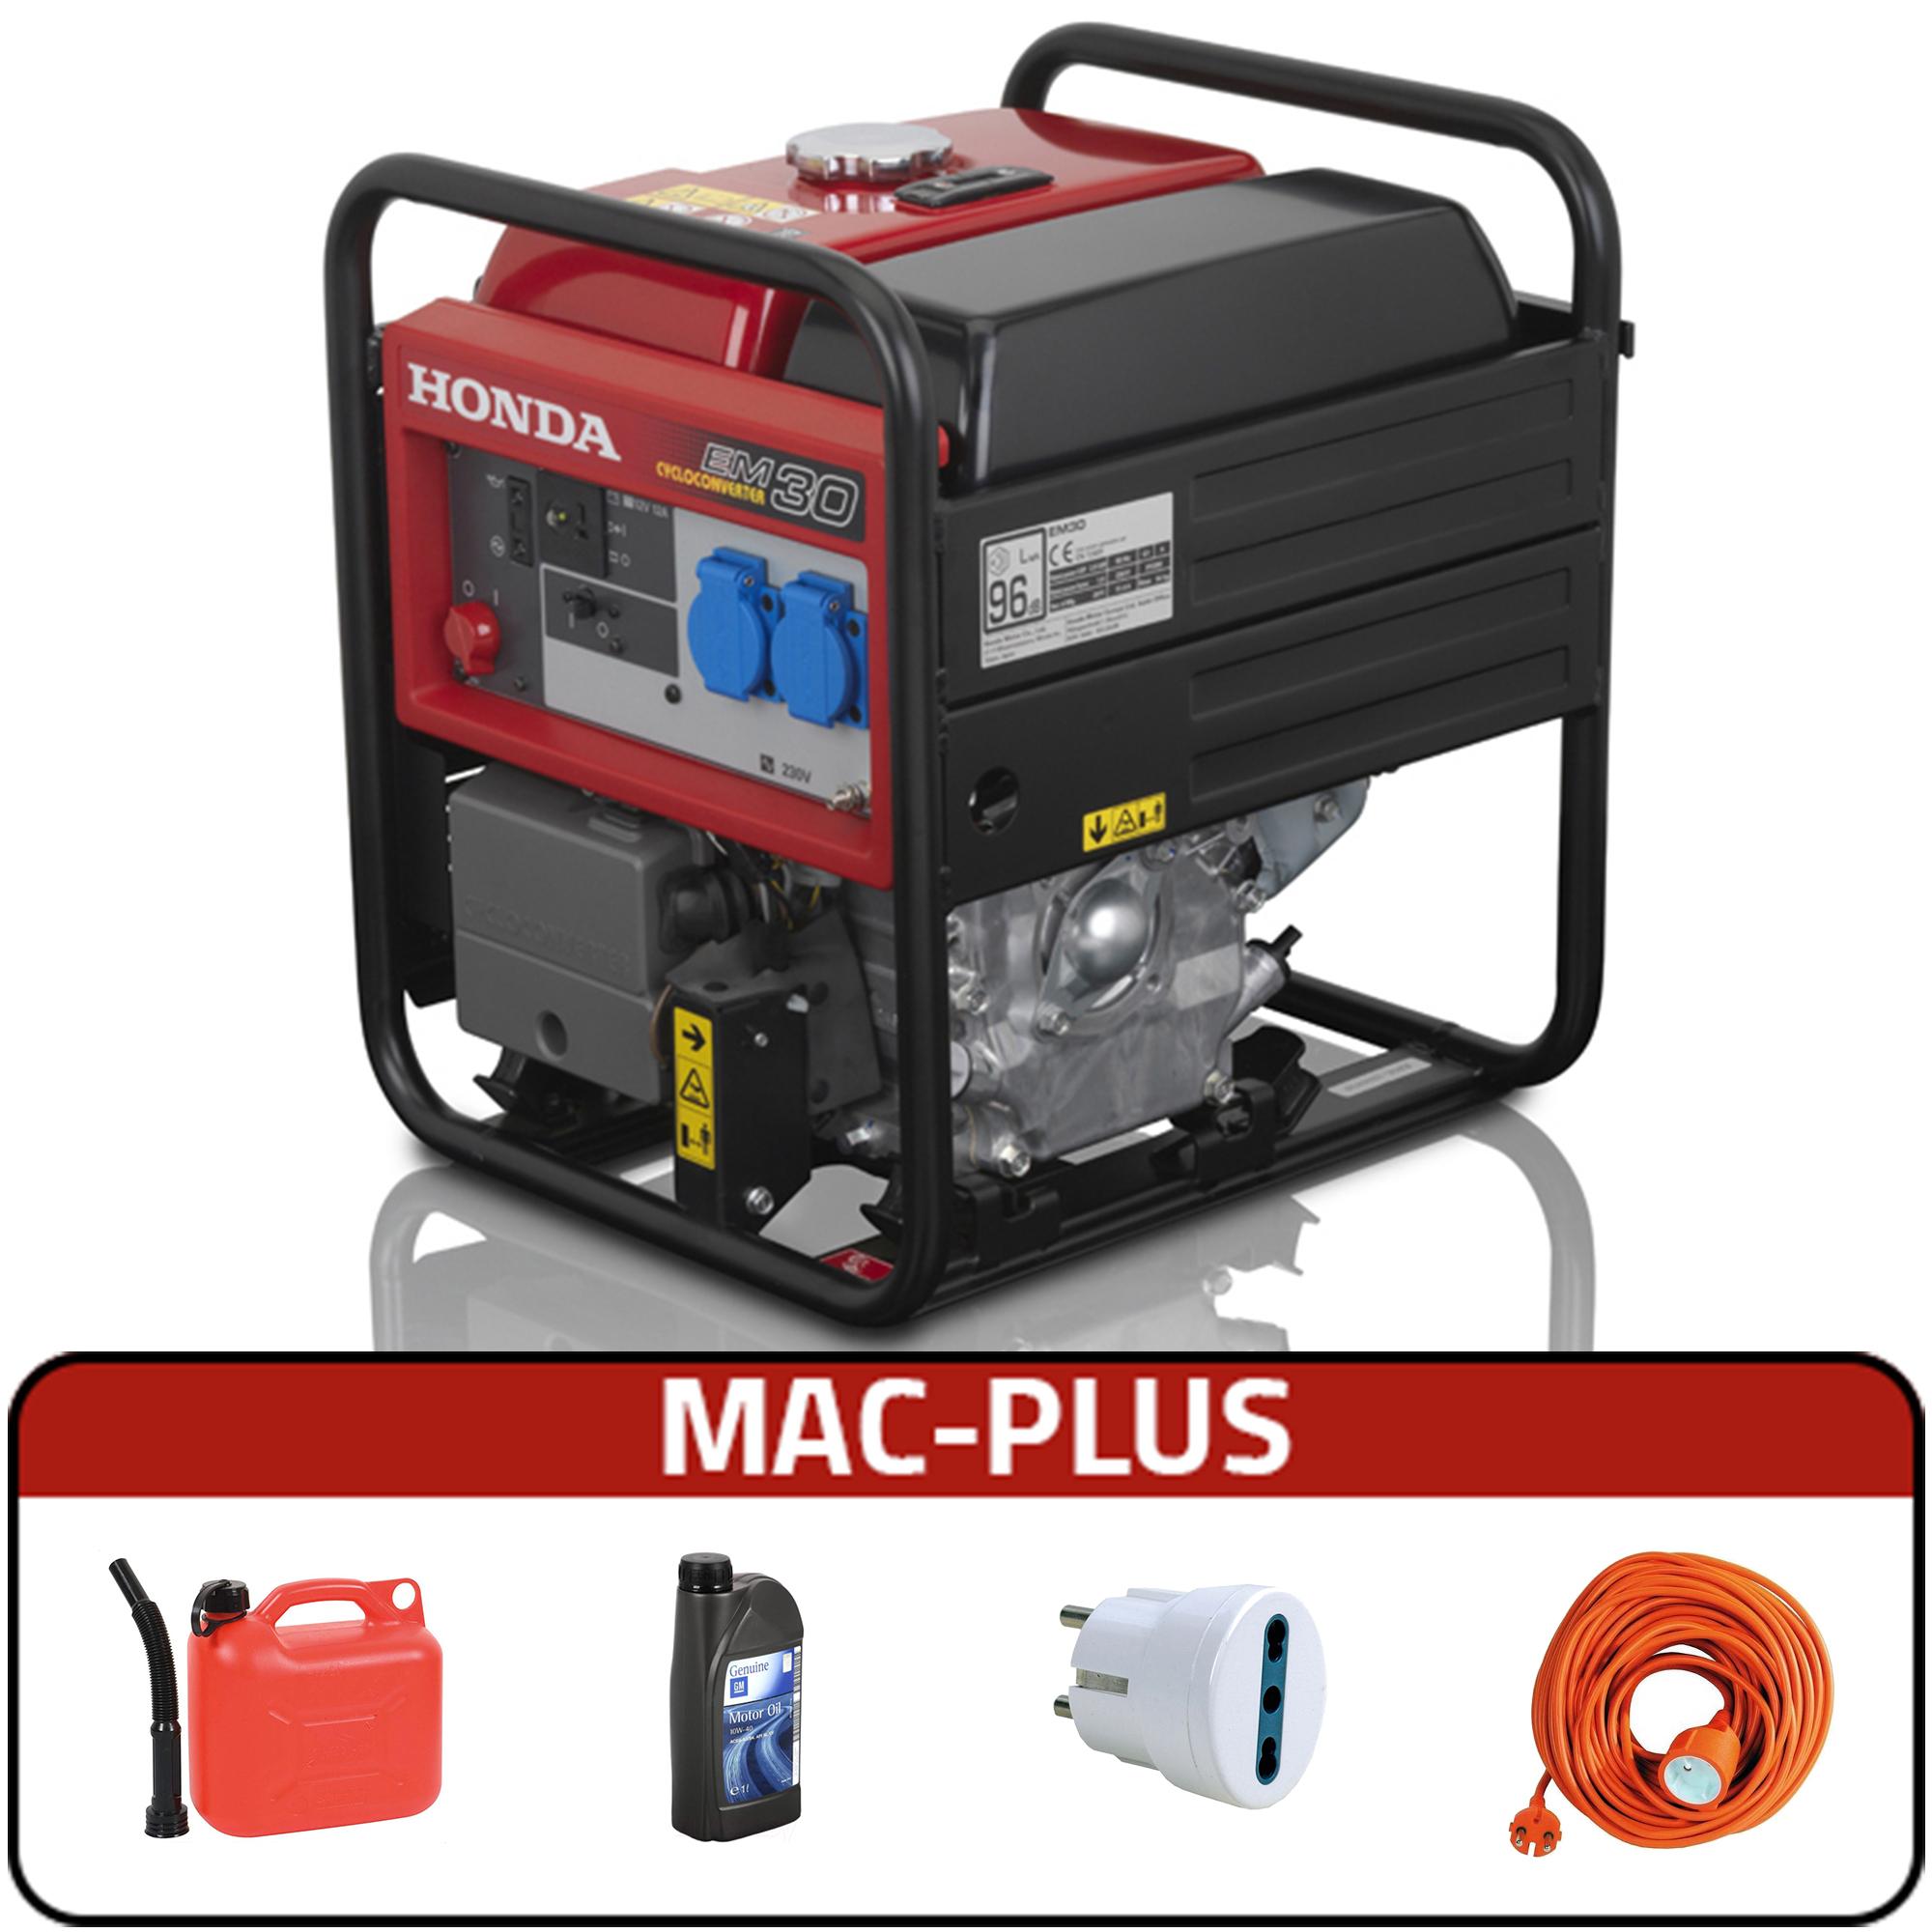 Image of Generatore di corrente Honda EM 30 + MAC - PLUS